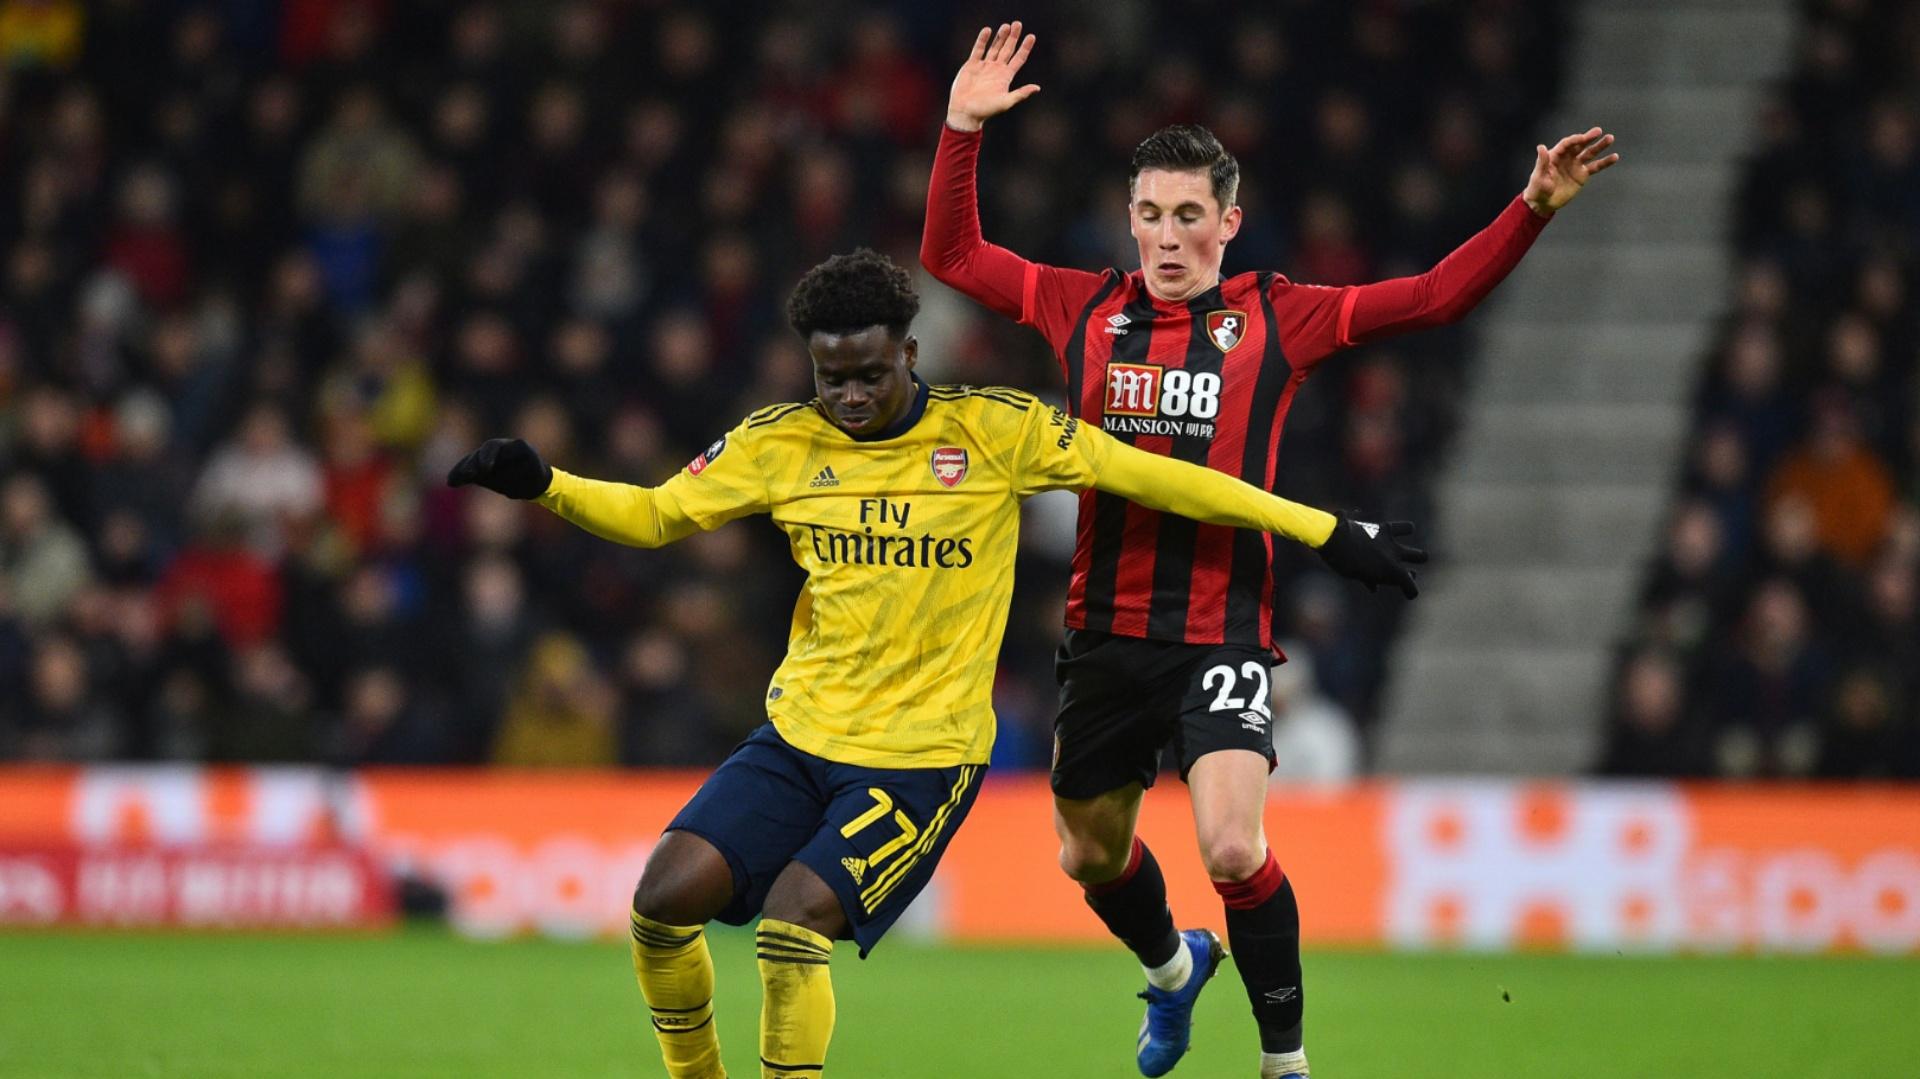 Arteta is bringing back the Arsenal philosophy - Saka